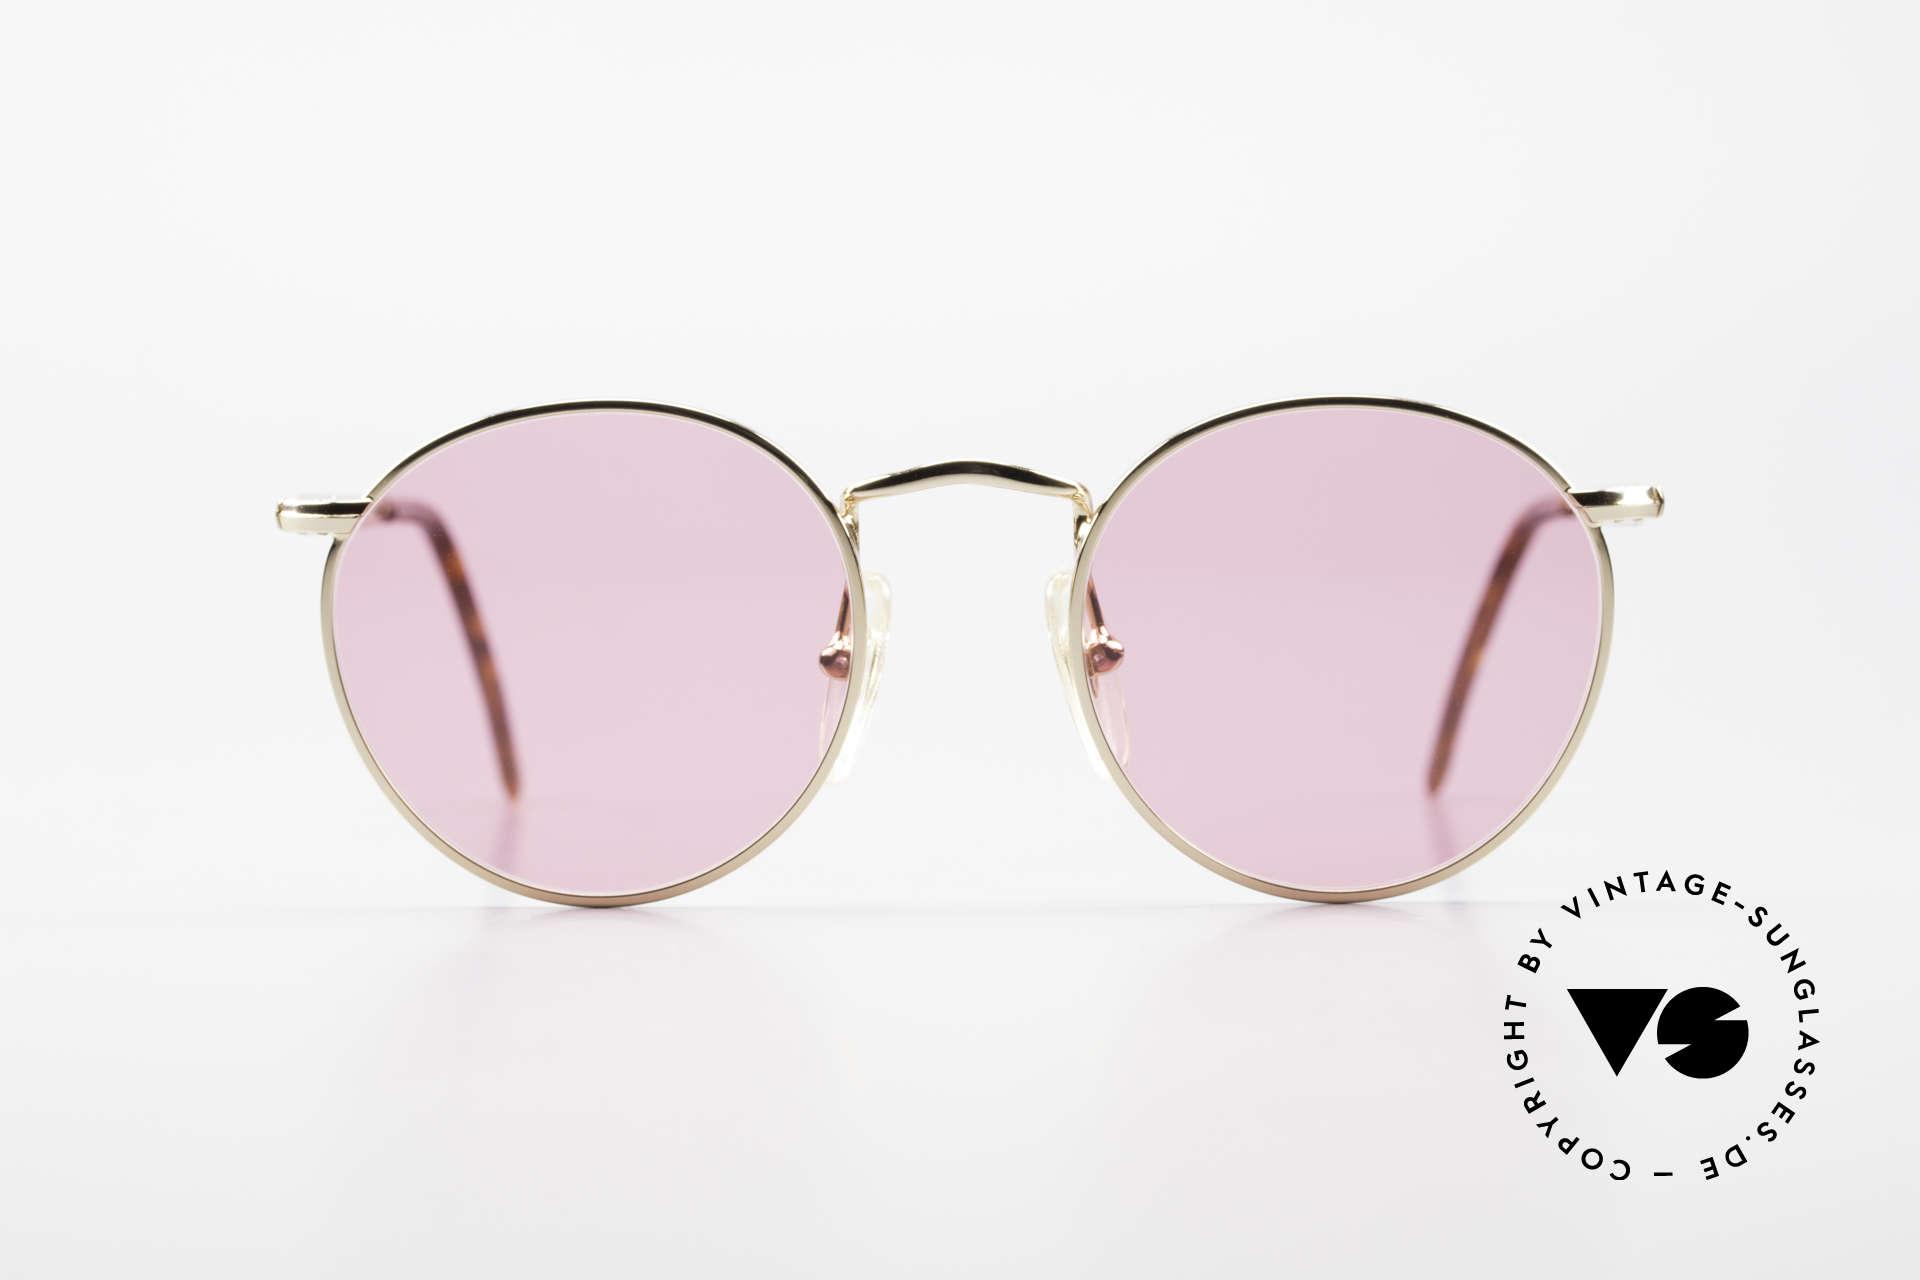 John Lennon - The Dreamer Die Rosarote Vintage Brille, vintage Brille der original 'John Lennon Collection', Passend für Herren und Damen